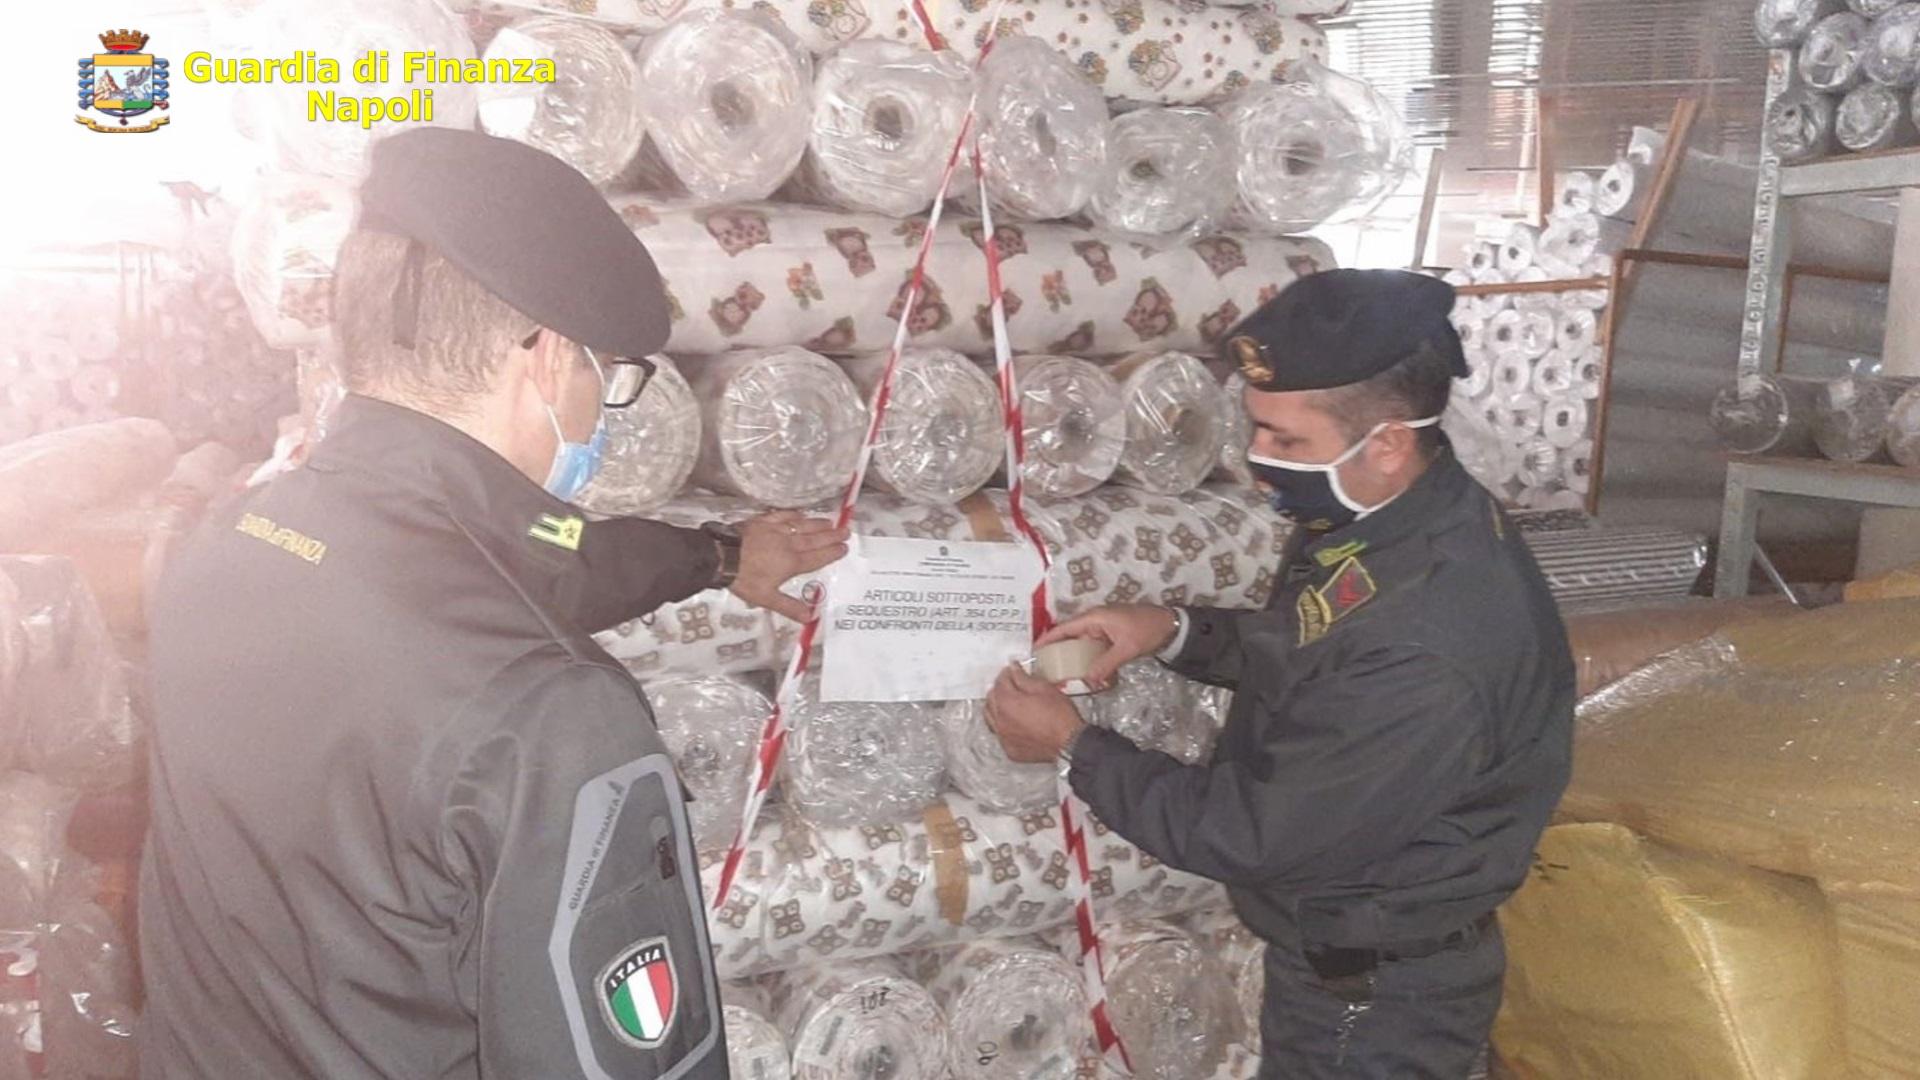 Napoli, Guardia di Finanza sequestra 6600 articoli con marchio Thun contraffatto